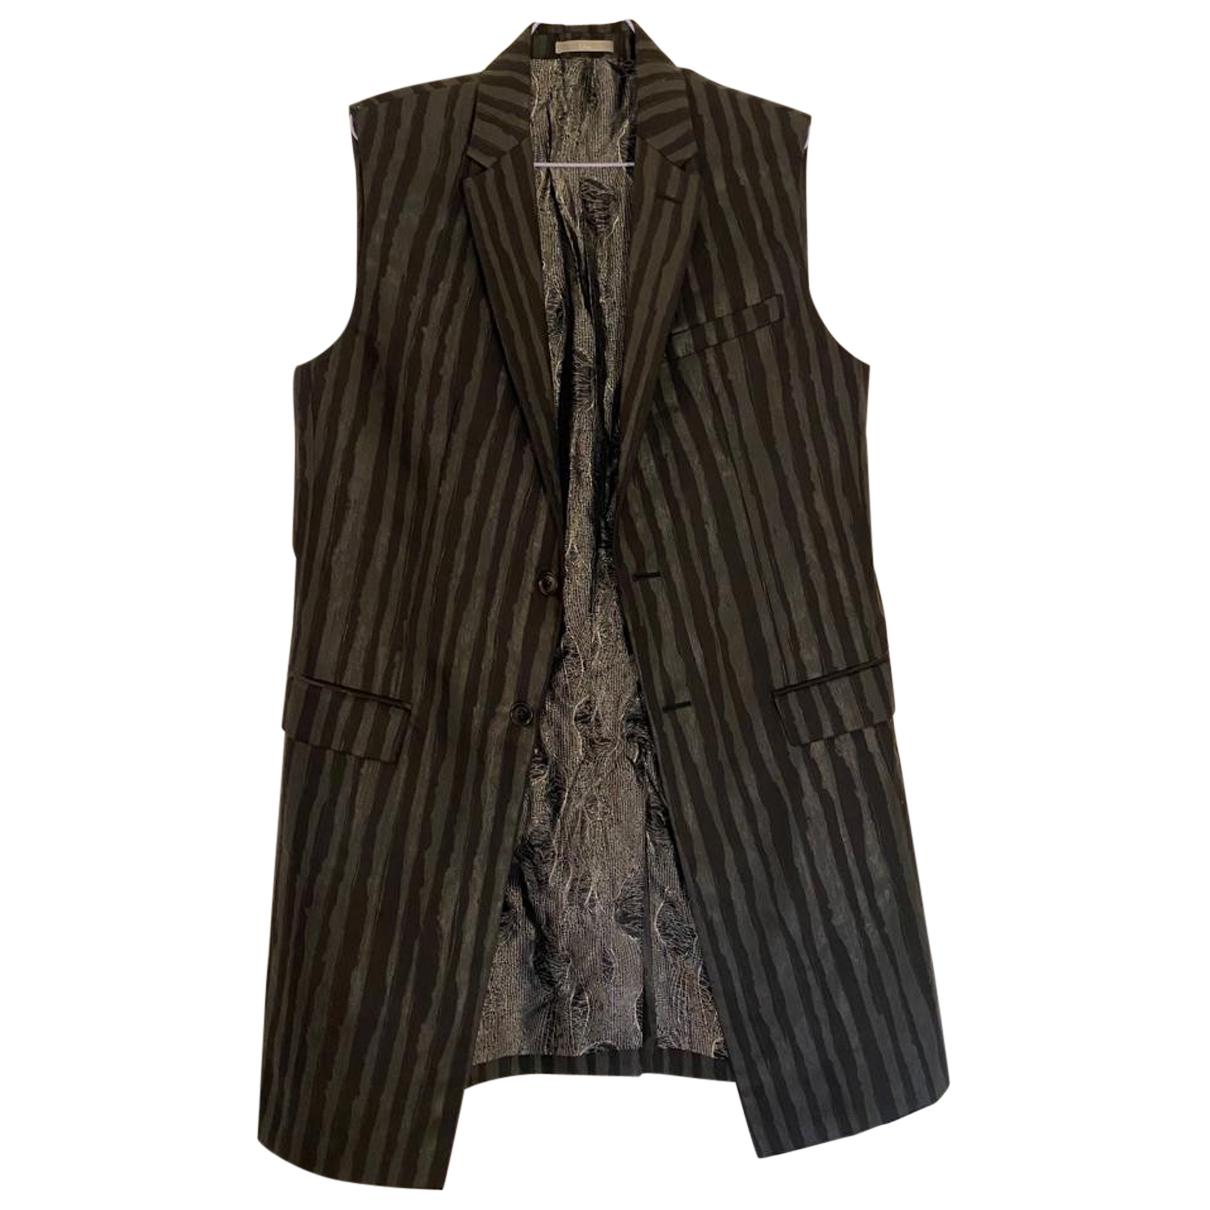 Dior Homme - Vestes.Blousons   pour homme en autre - anthracite